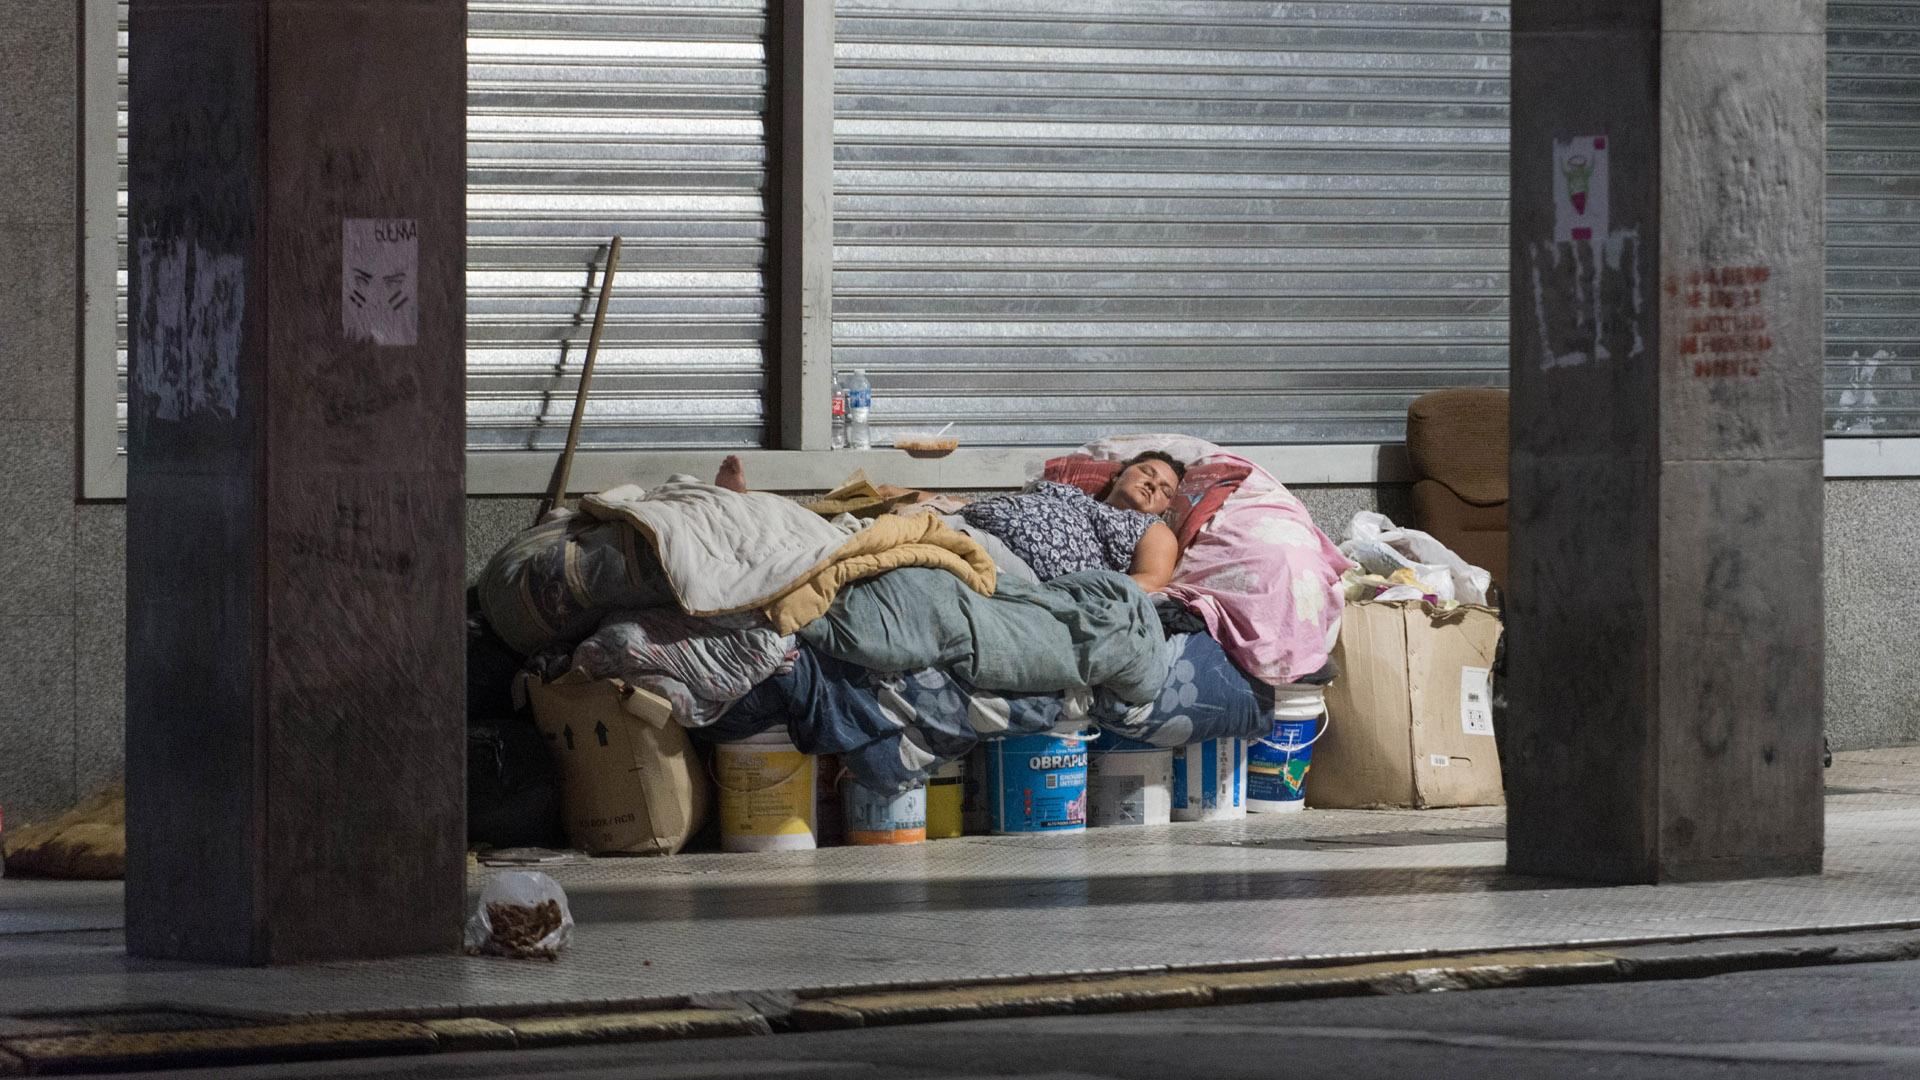 """El drama de los """"sin techo"""": un censo no oficial registró 7.251 personas en situación de calle en la ciudad de Buenos Aires - Infobae"""